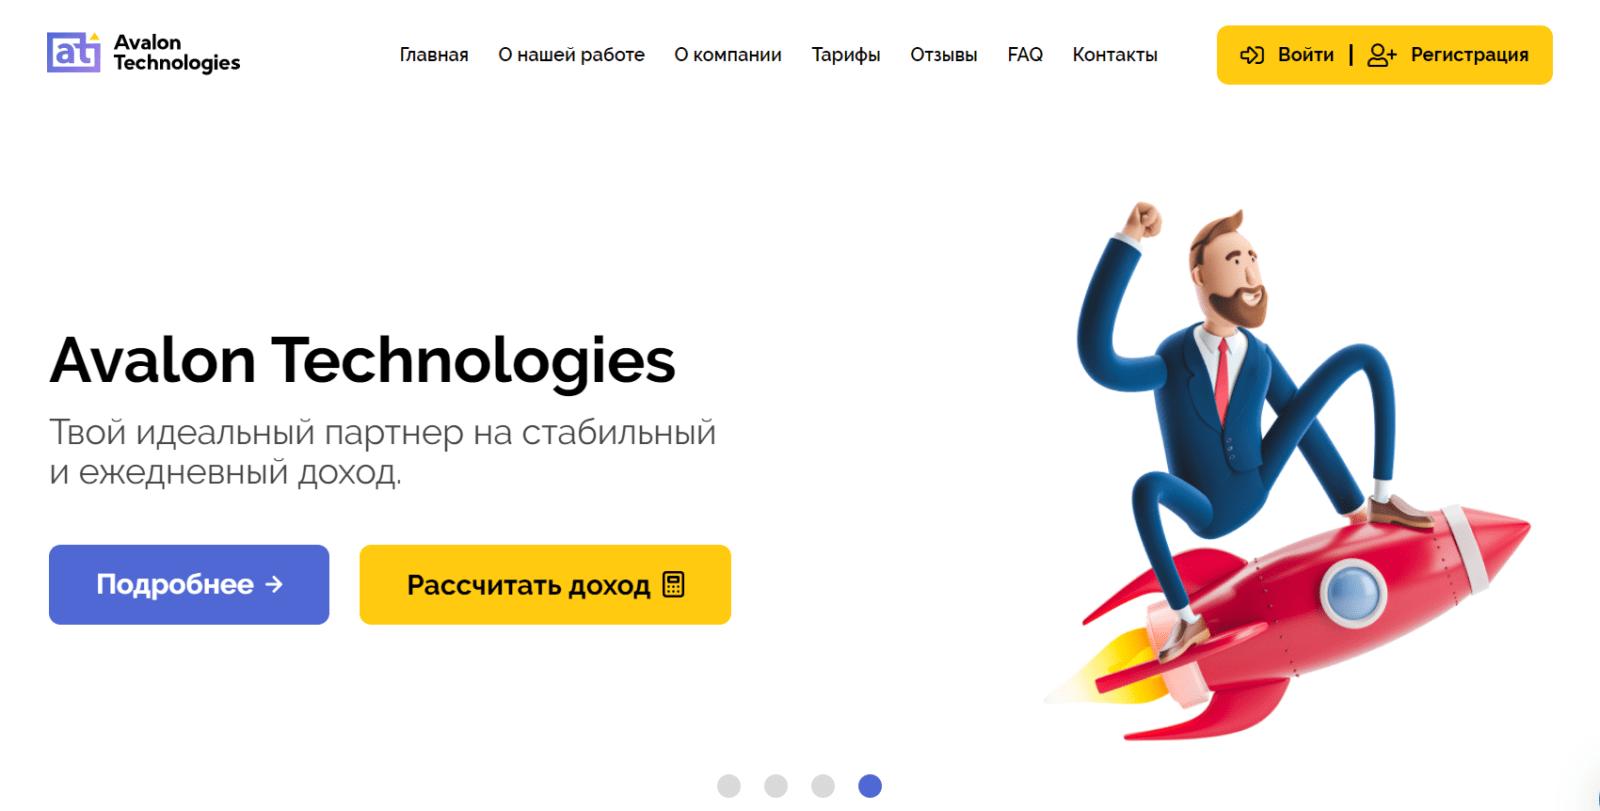 На сайте «Bettingcafe» вы можете бесплатно сделать ставку на спорт онлайн у ведущих букмекерских контор России.Бесплатные прогнозы, .